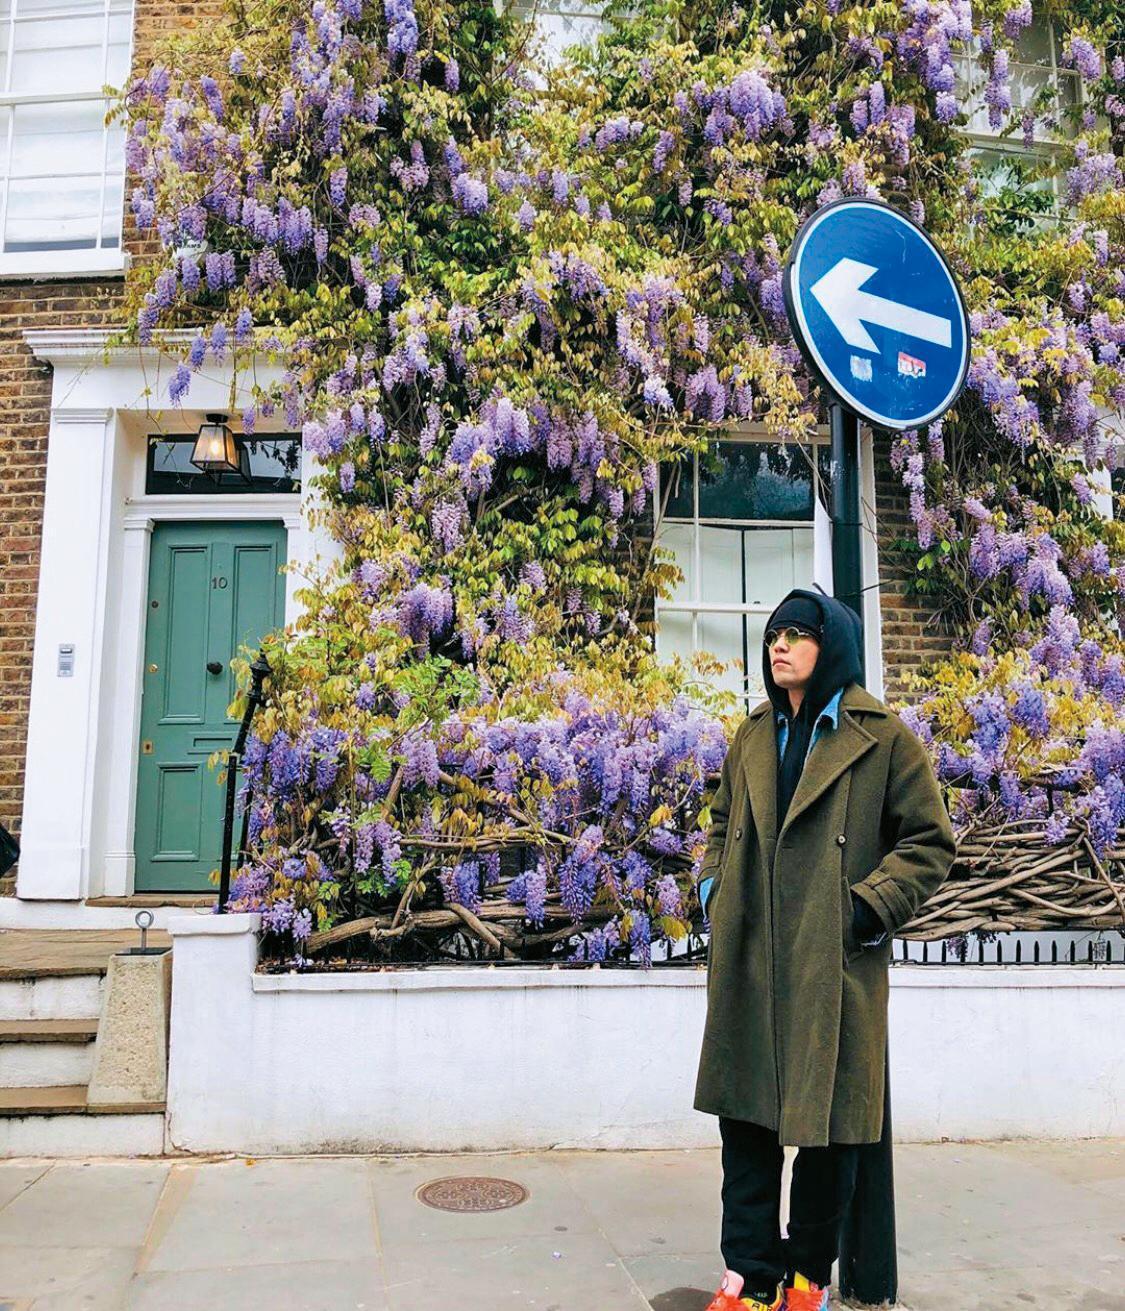 在英國倫敦諾丁丘(Notting Hill)的周杰倫,因為天氣冷,把穿在裡面的連帽衛衣翻出來蓋住頭保暖,身上的軍綠色風衣有別於最常見的黑與駝色,加上腳踩亮色系球鞋,讓搭配有了重點。(翻攝自周杰倫IG)